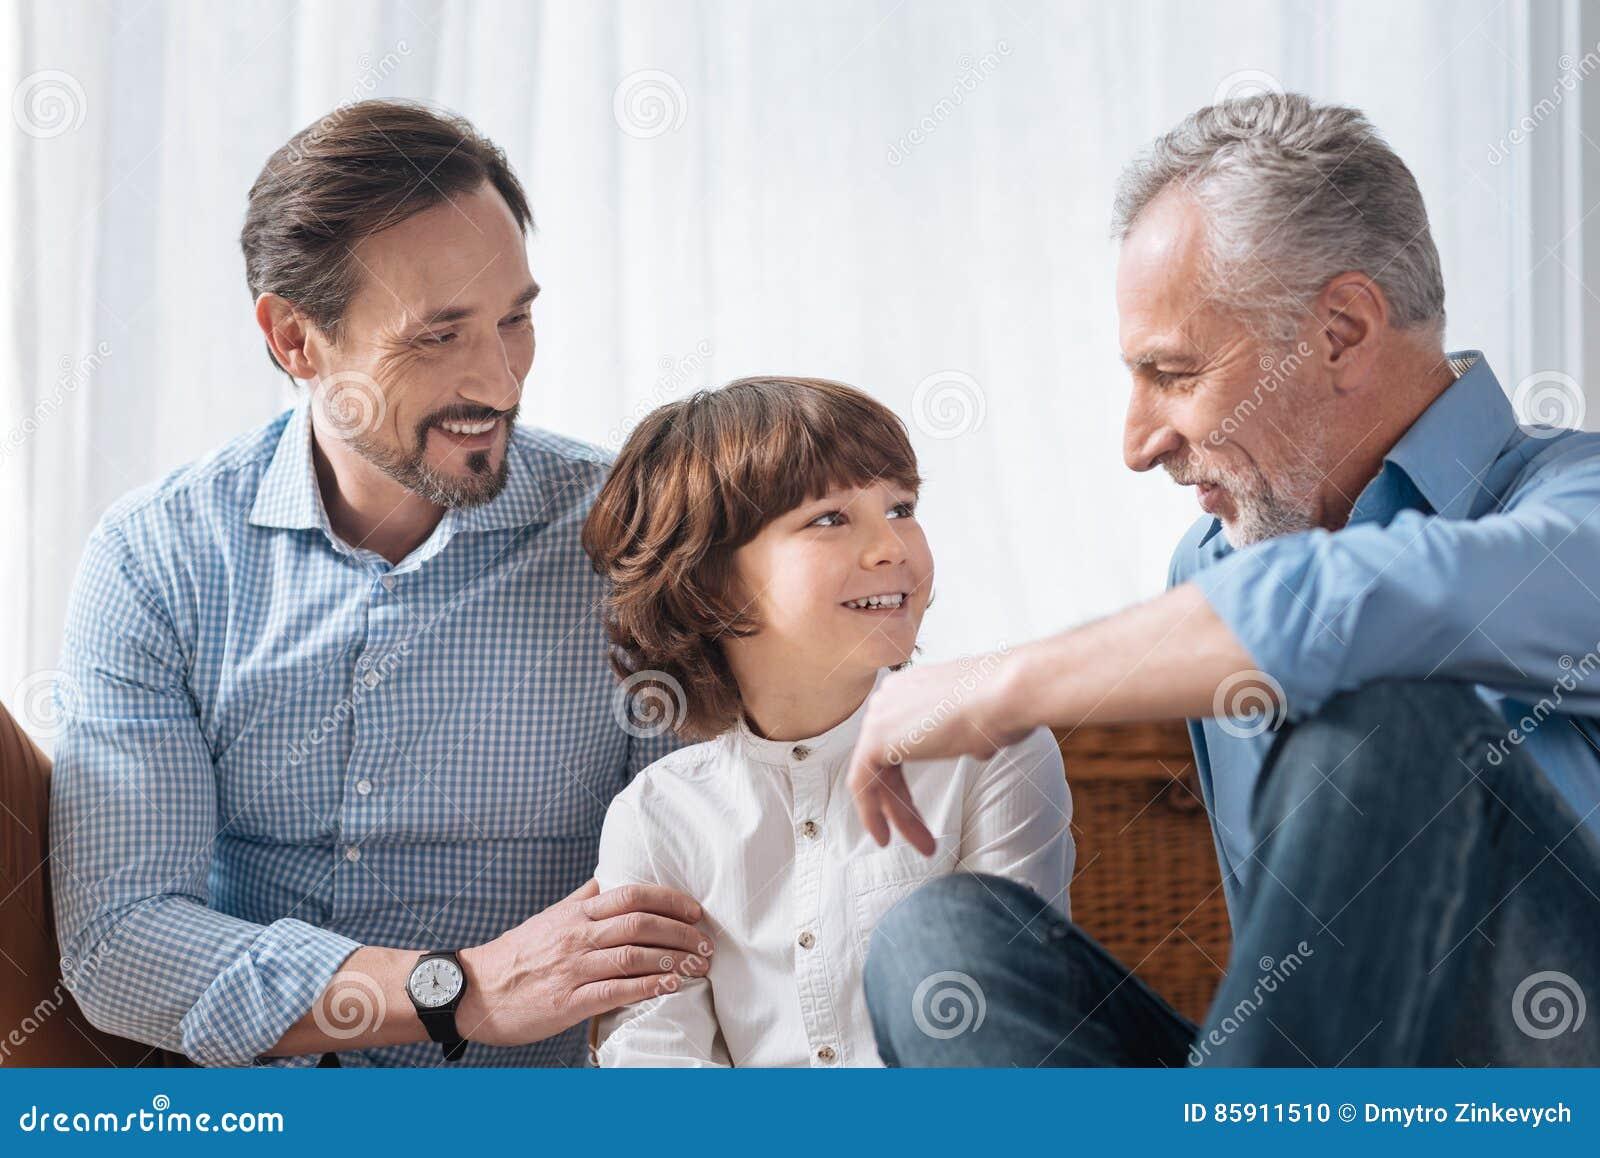 Όμορφος ευχαριστημένος παππούς που εξετάζει τον εγγονό του